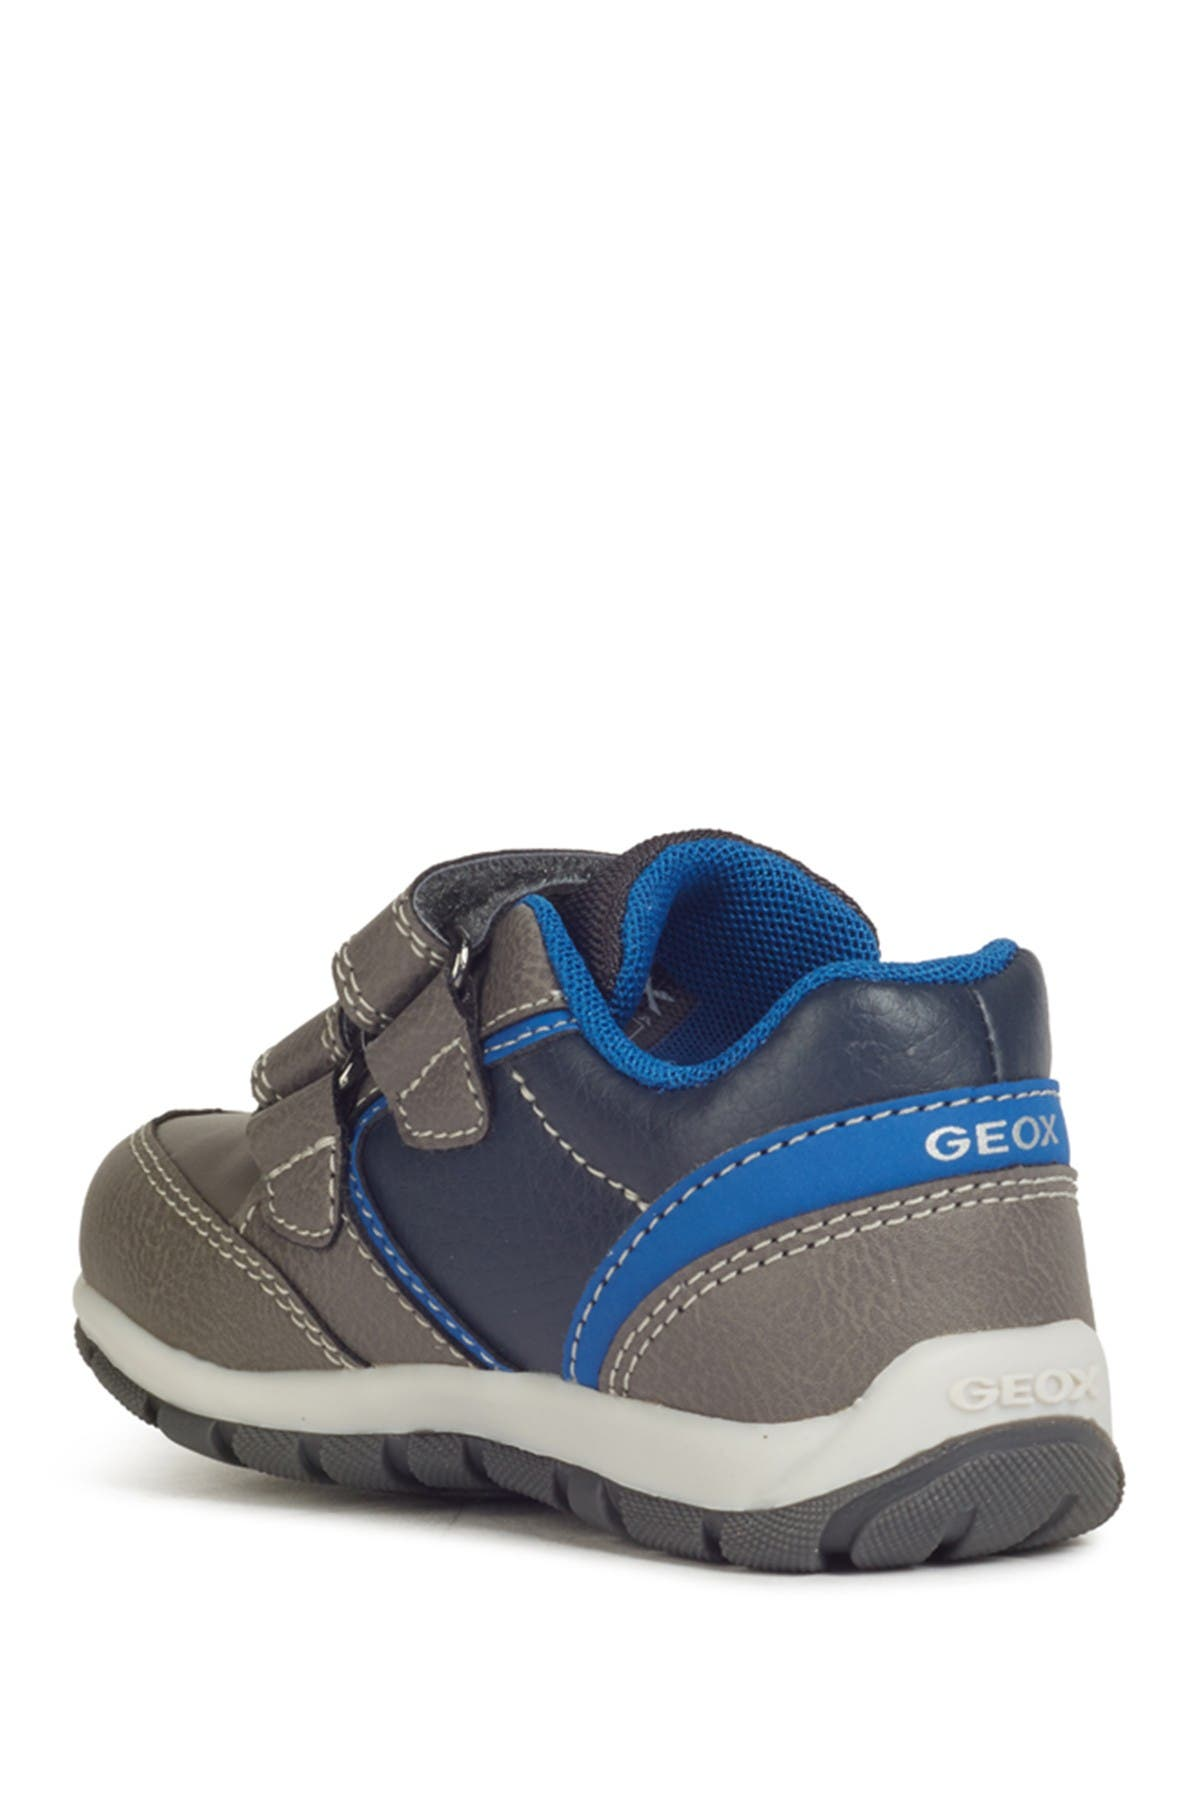 GEOX Heira Double Strap Sneaker